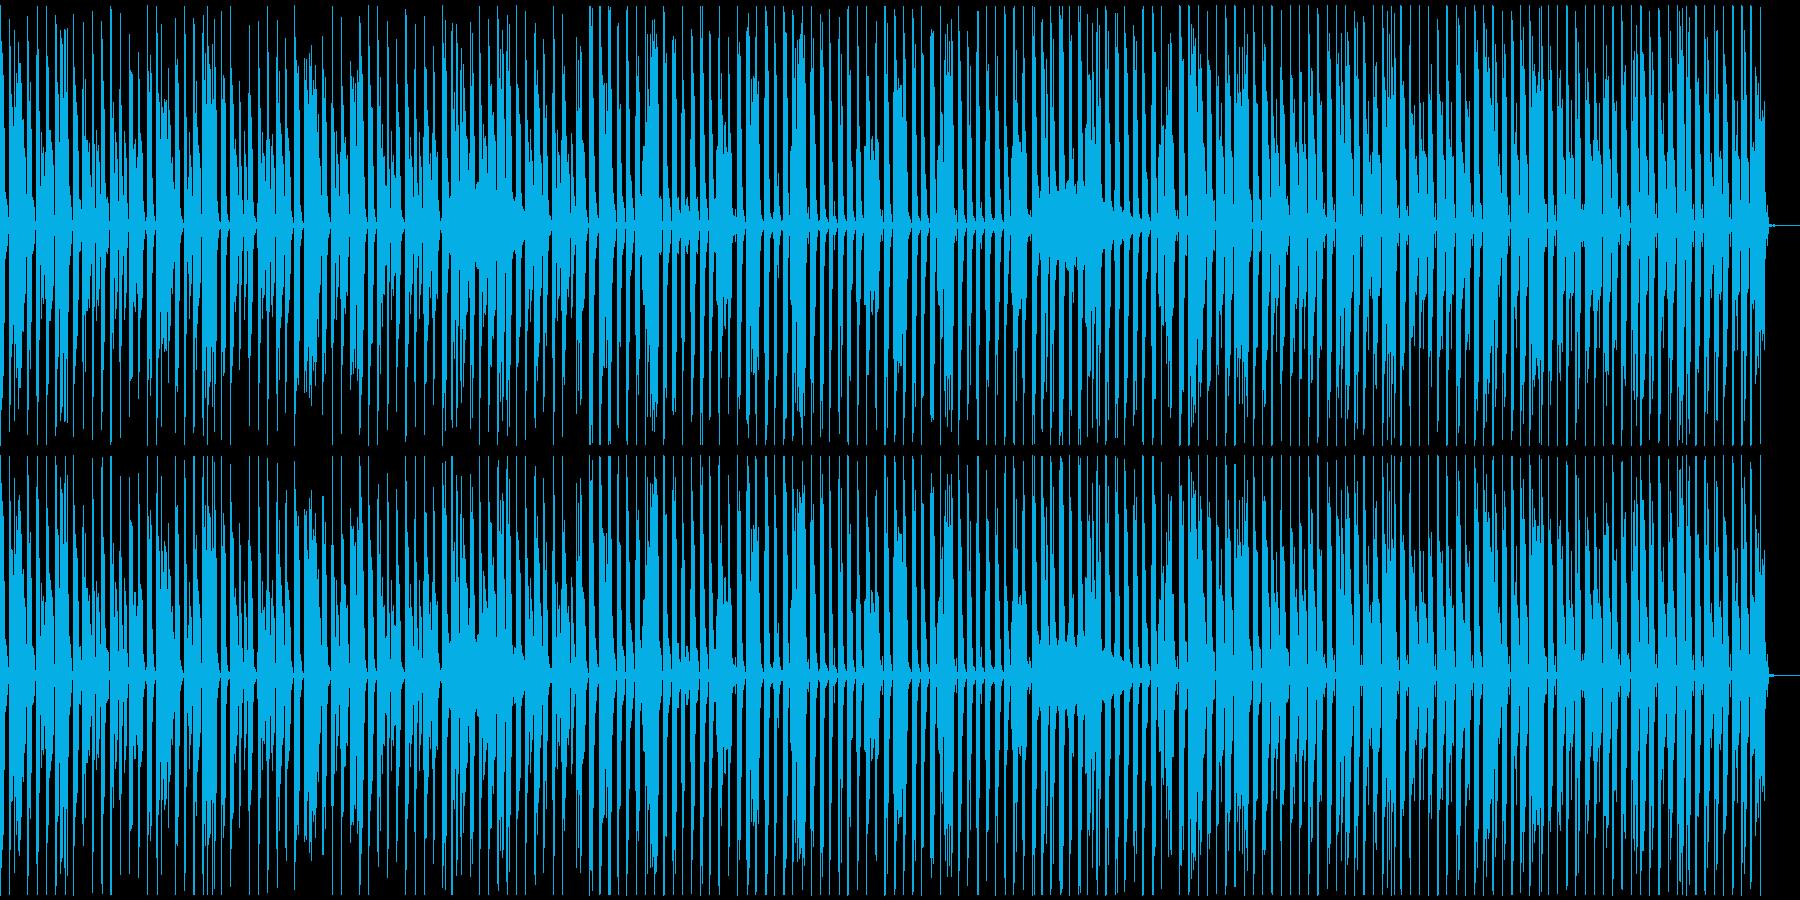 【エレクトロニカ】テクノ、ロング5の再生済みの波形